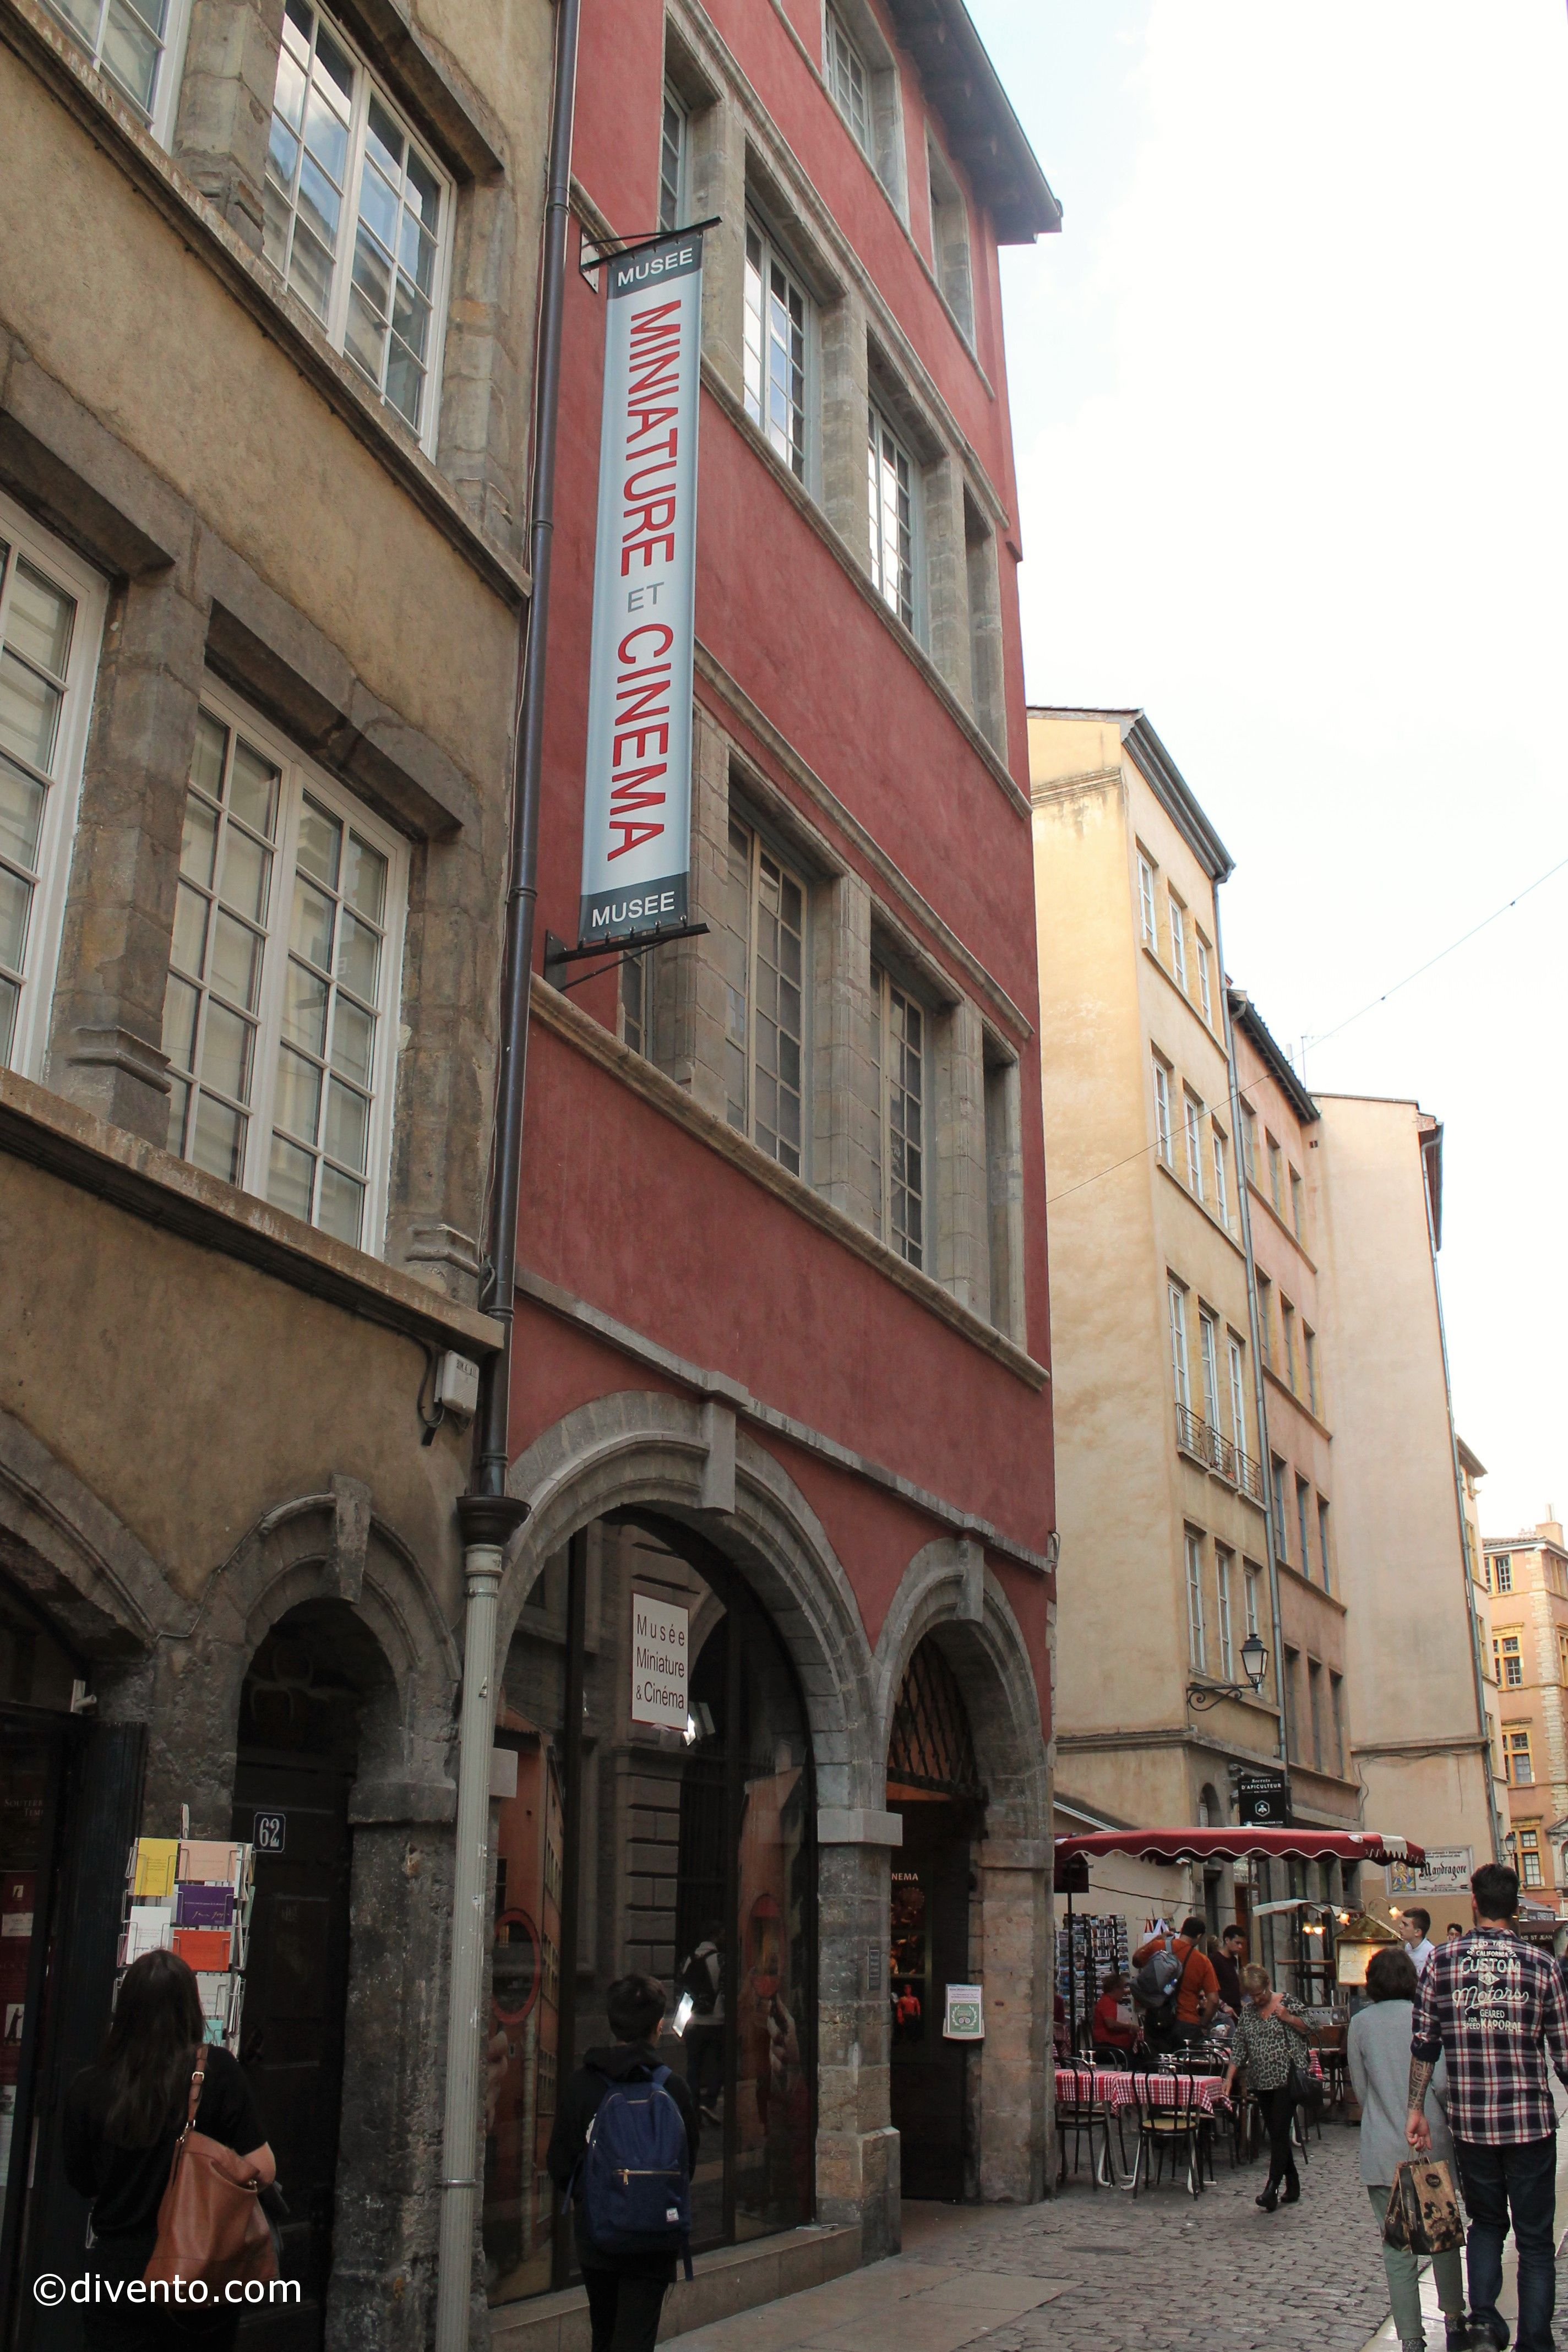 Musée Miniature et Cinéma, Lyon: All Year